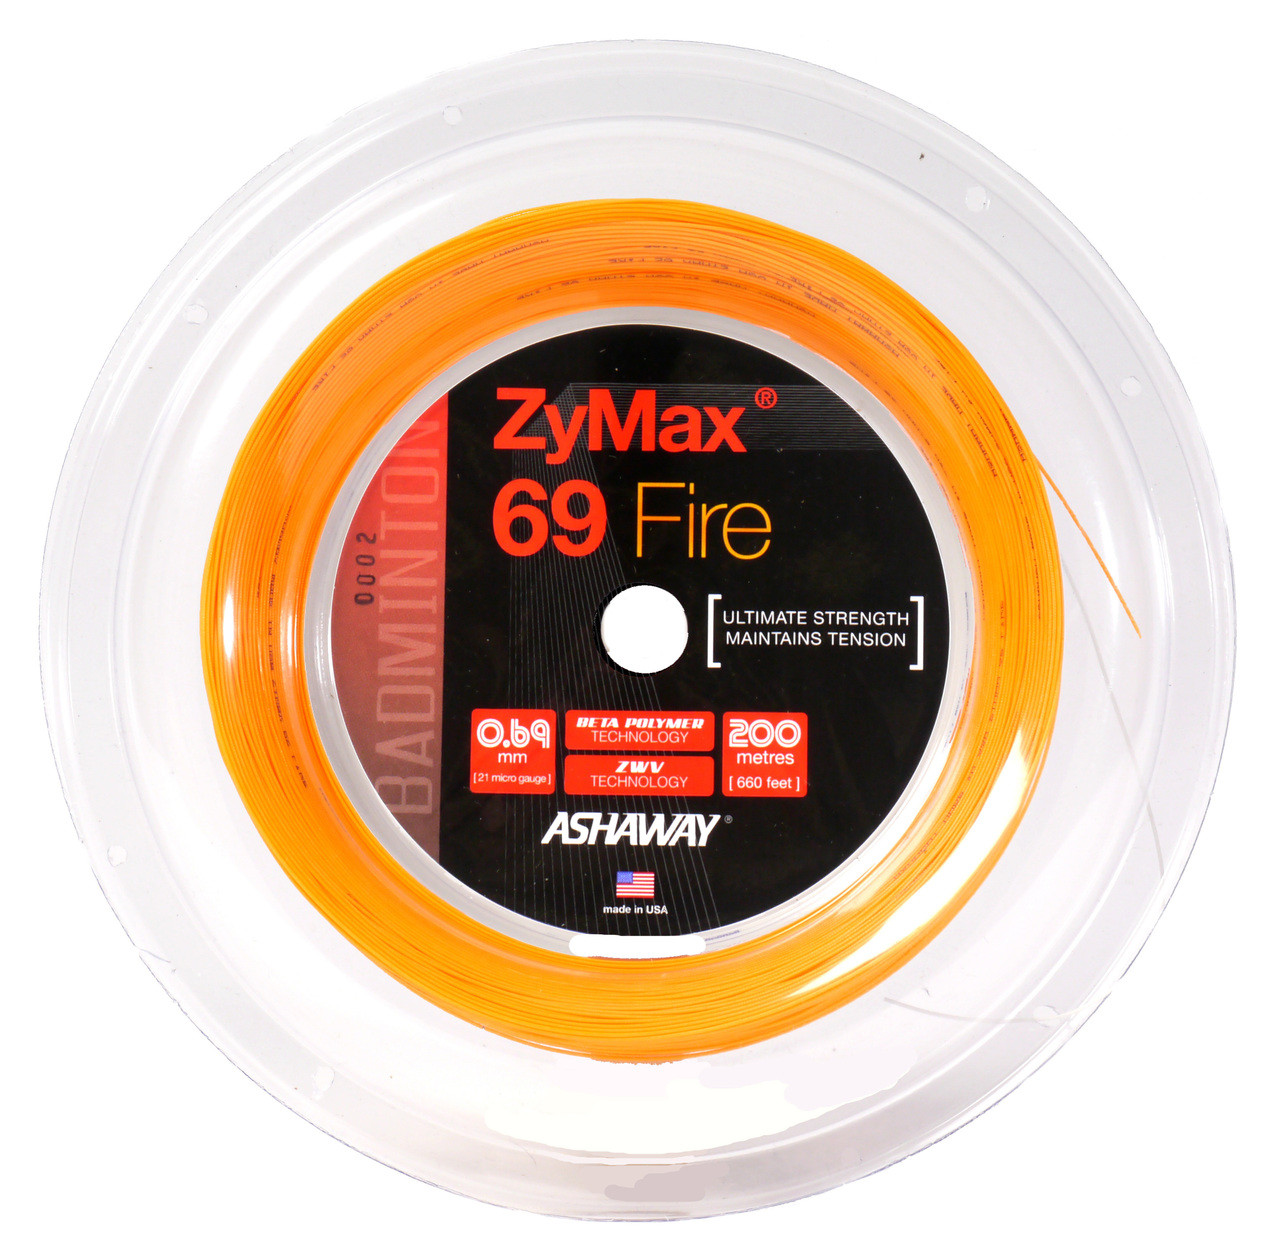 ASHAWAY ZyMax Fire